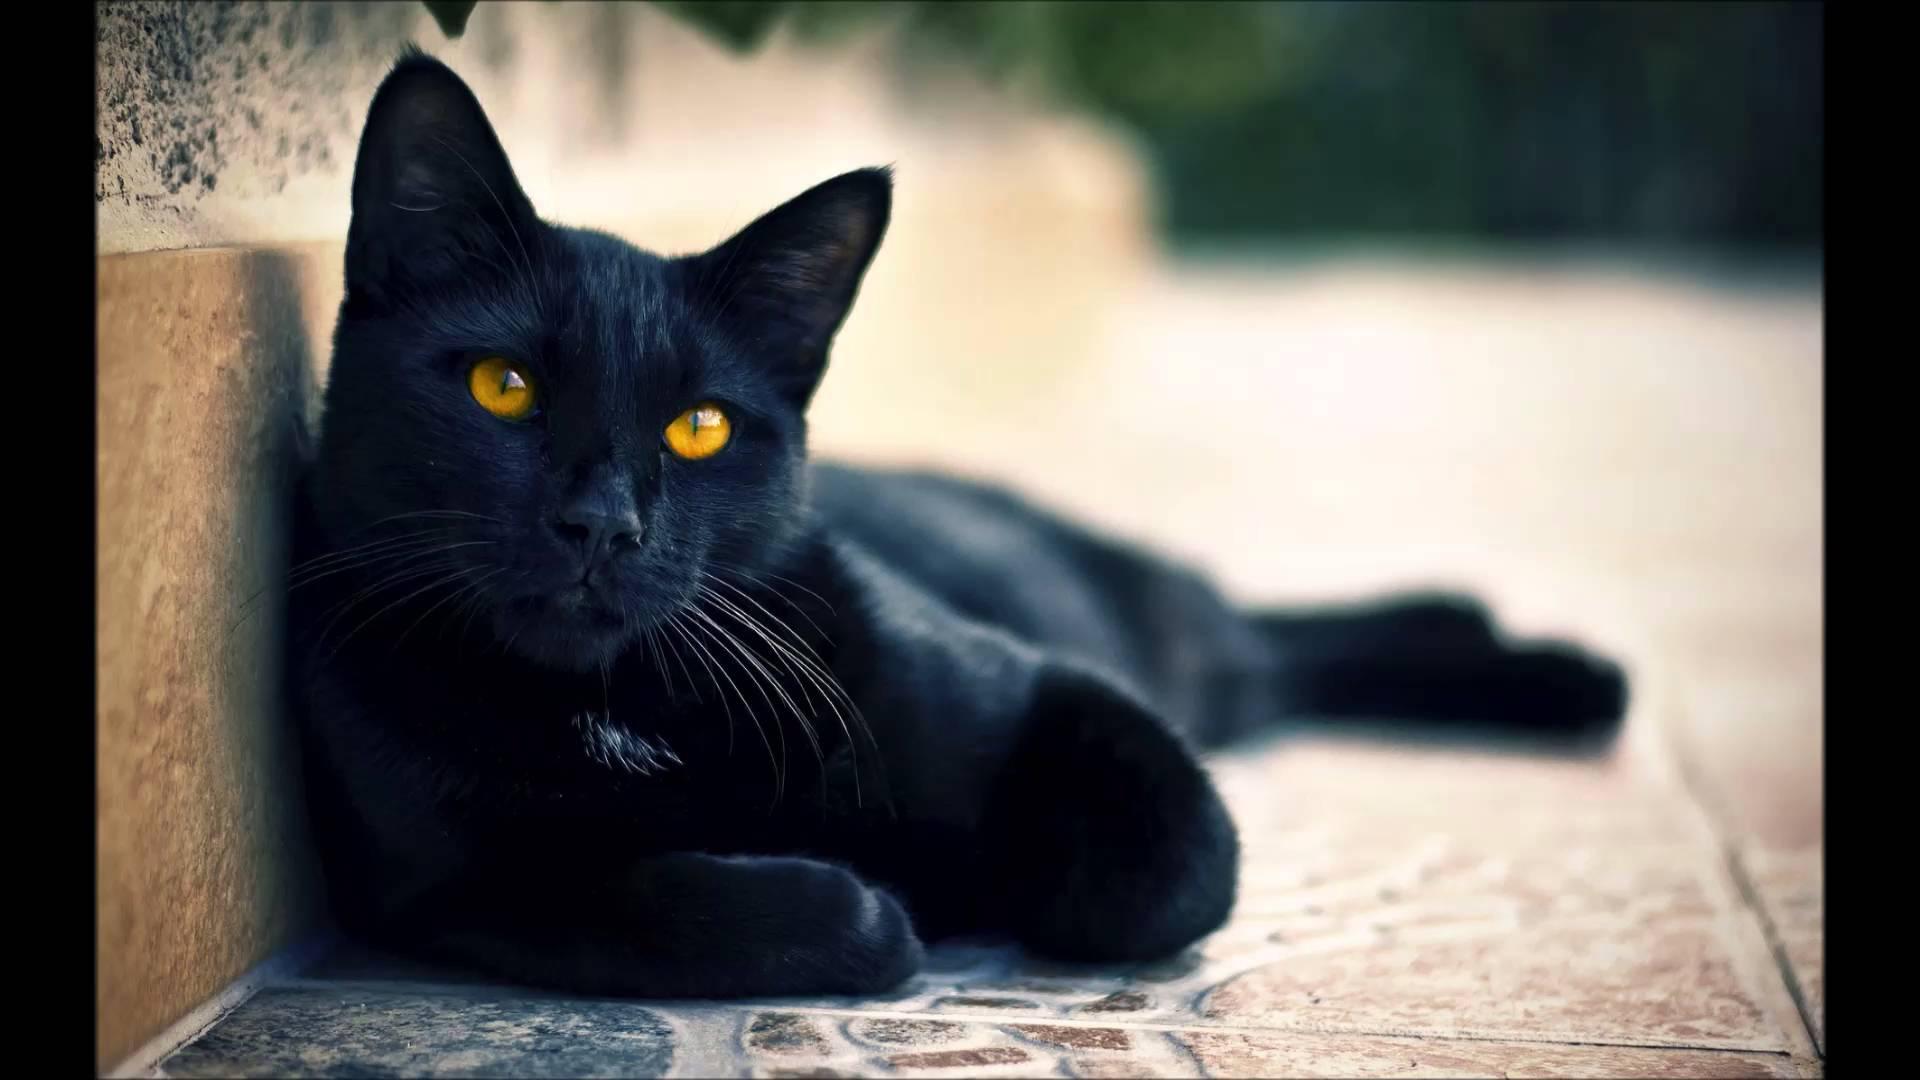 Black Cat - Janet Jackson - YouTube